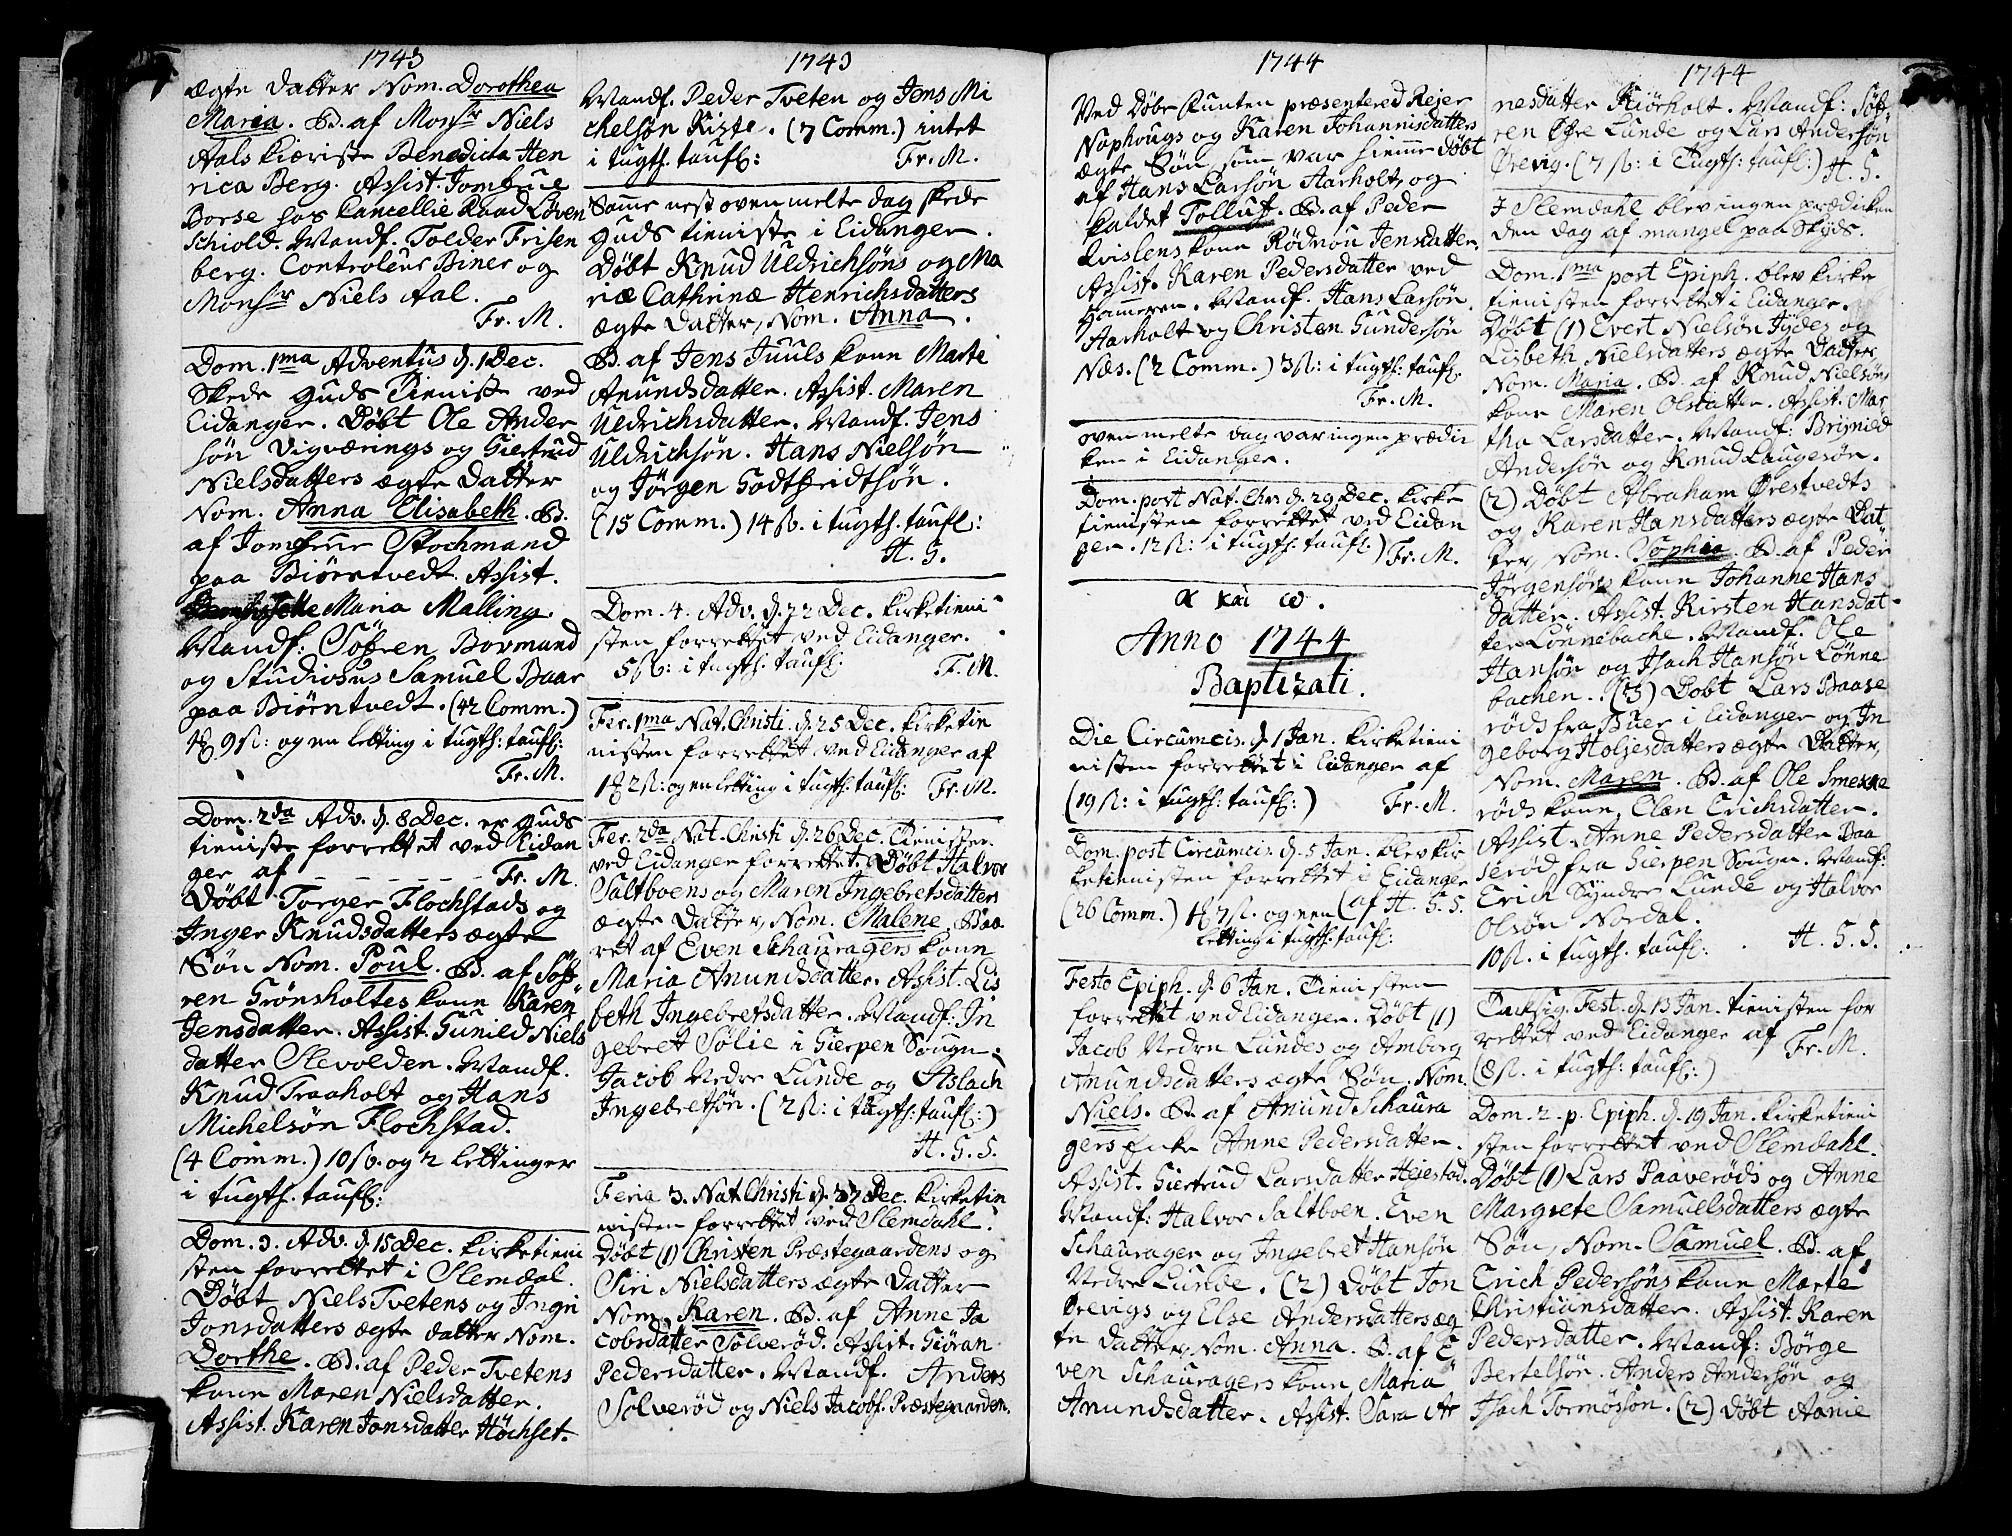 SAKO, Eidanger kirkebøker, F/Fa/L0004: Ministerialbok nr. 4, 1733-1759, s. 87-88